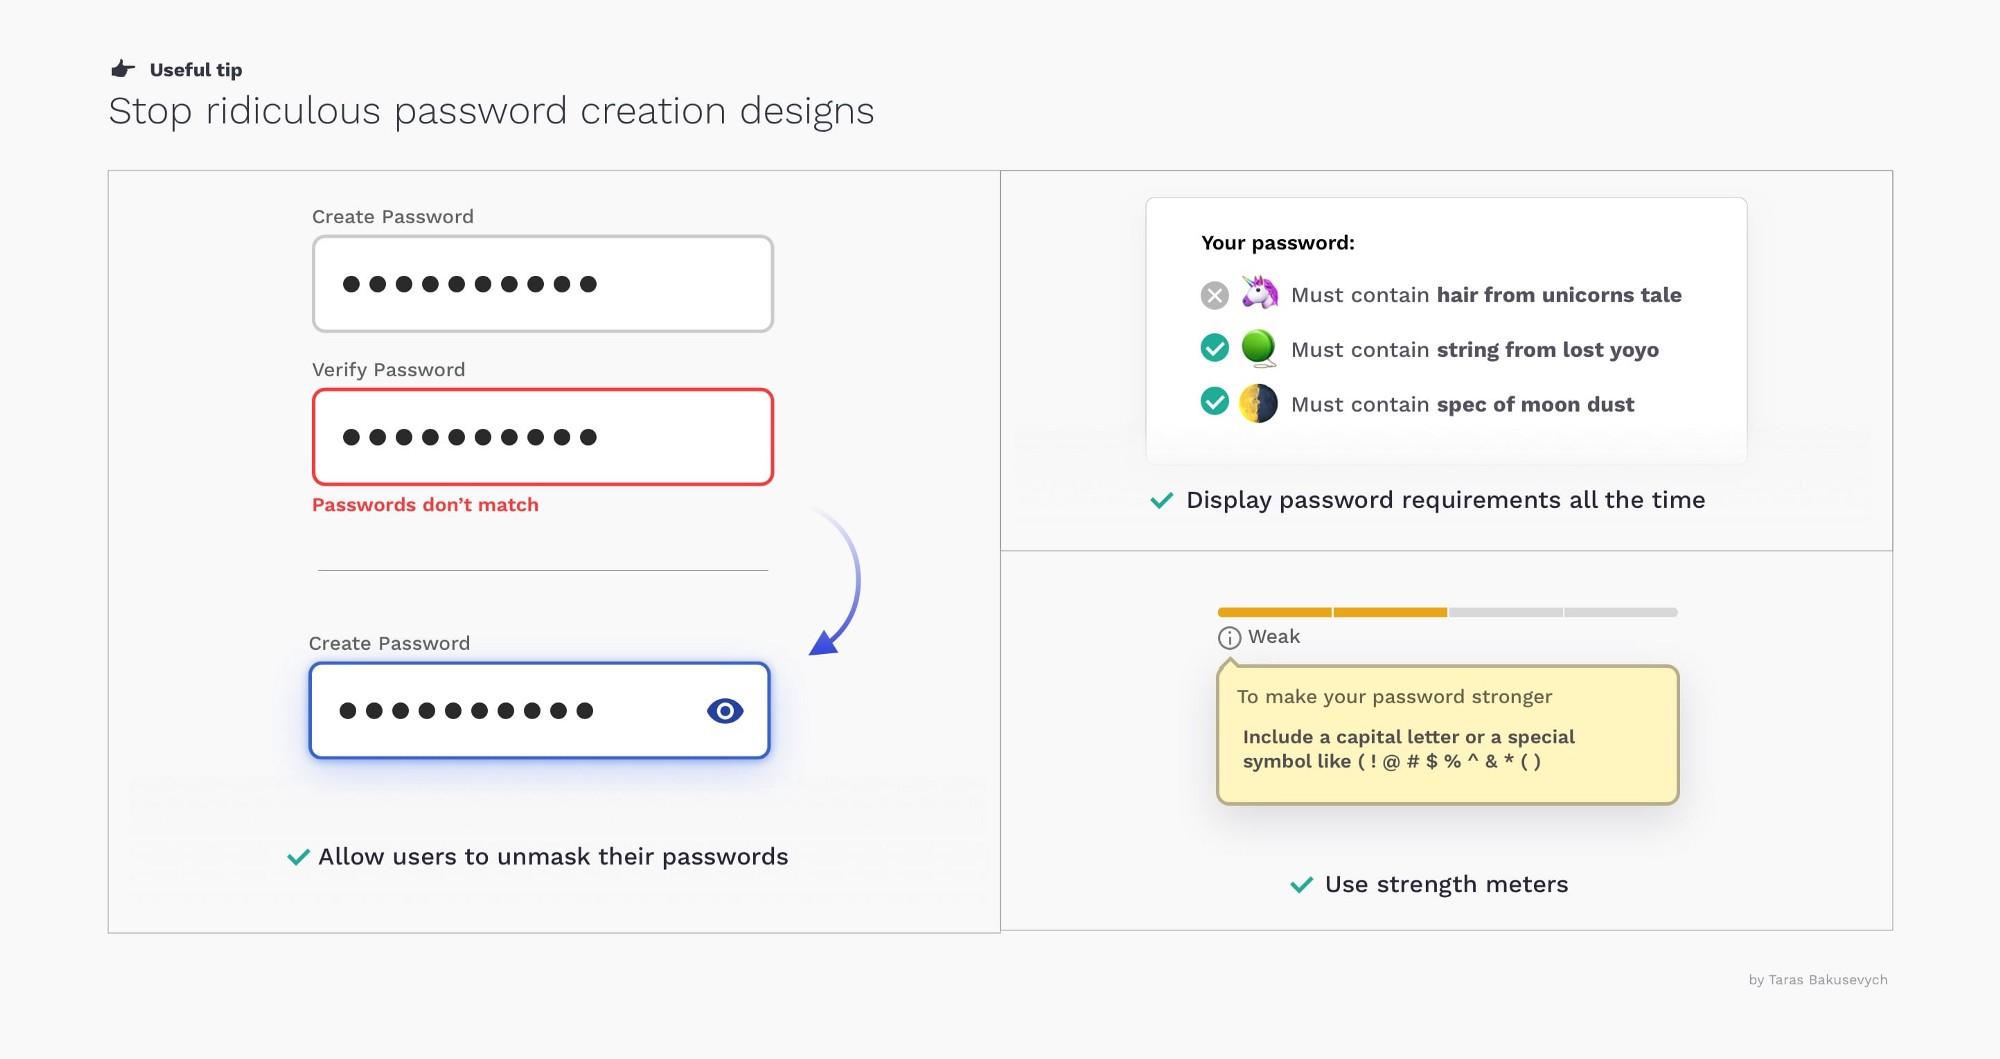 Нелепые дизайны создания паролей